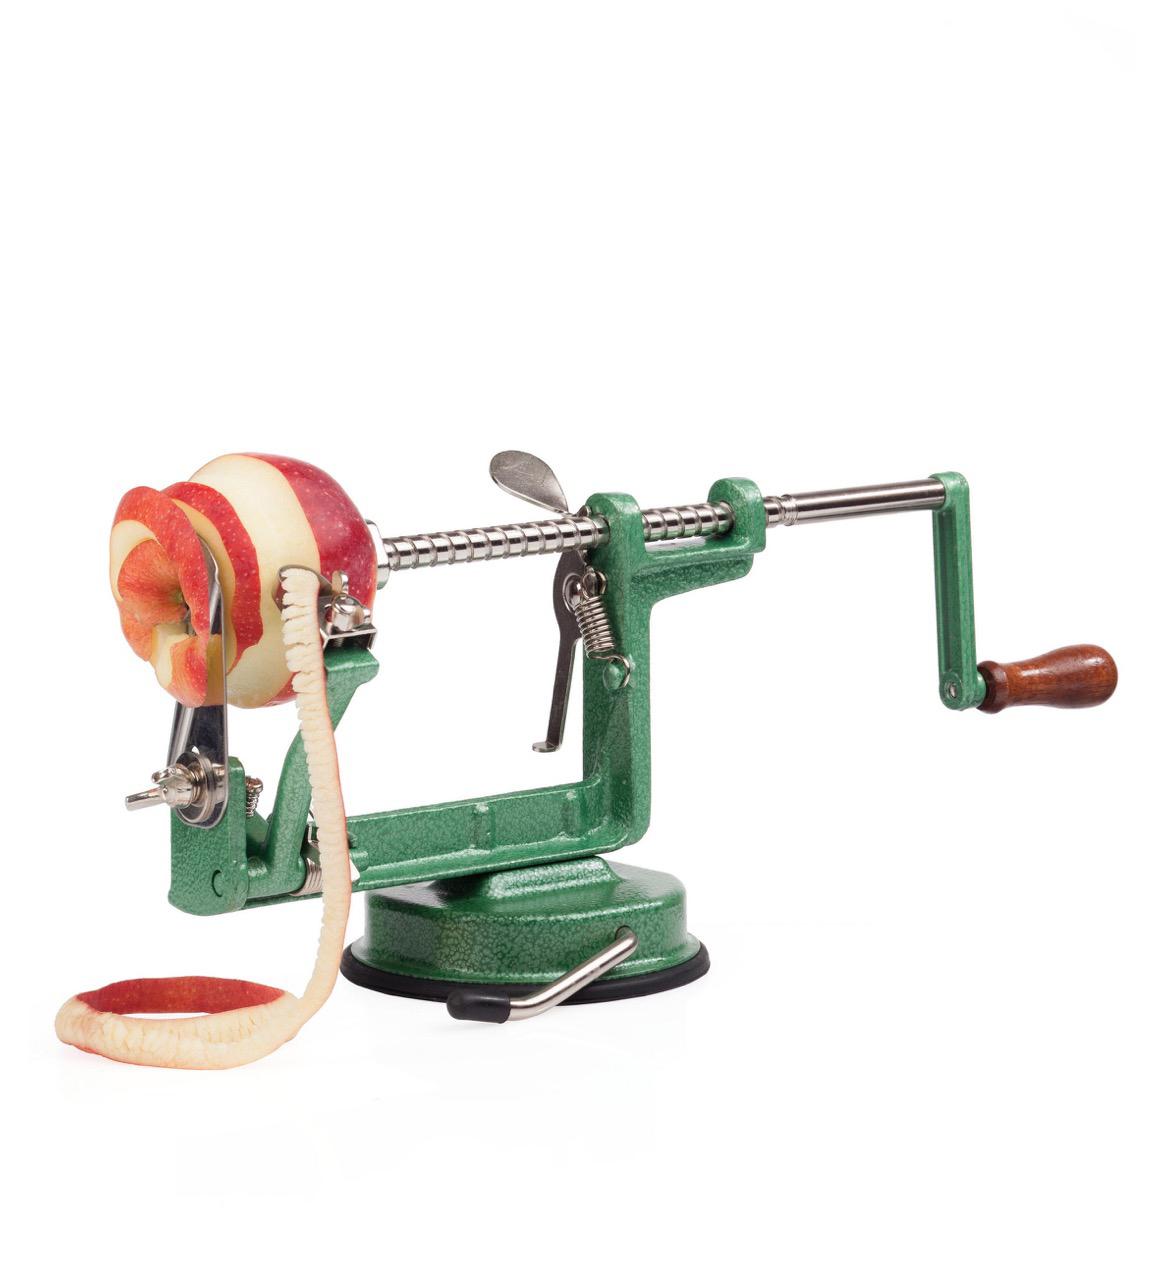 Приспособление для резки яблок на сушку своими руками 21